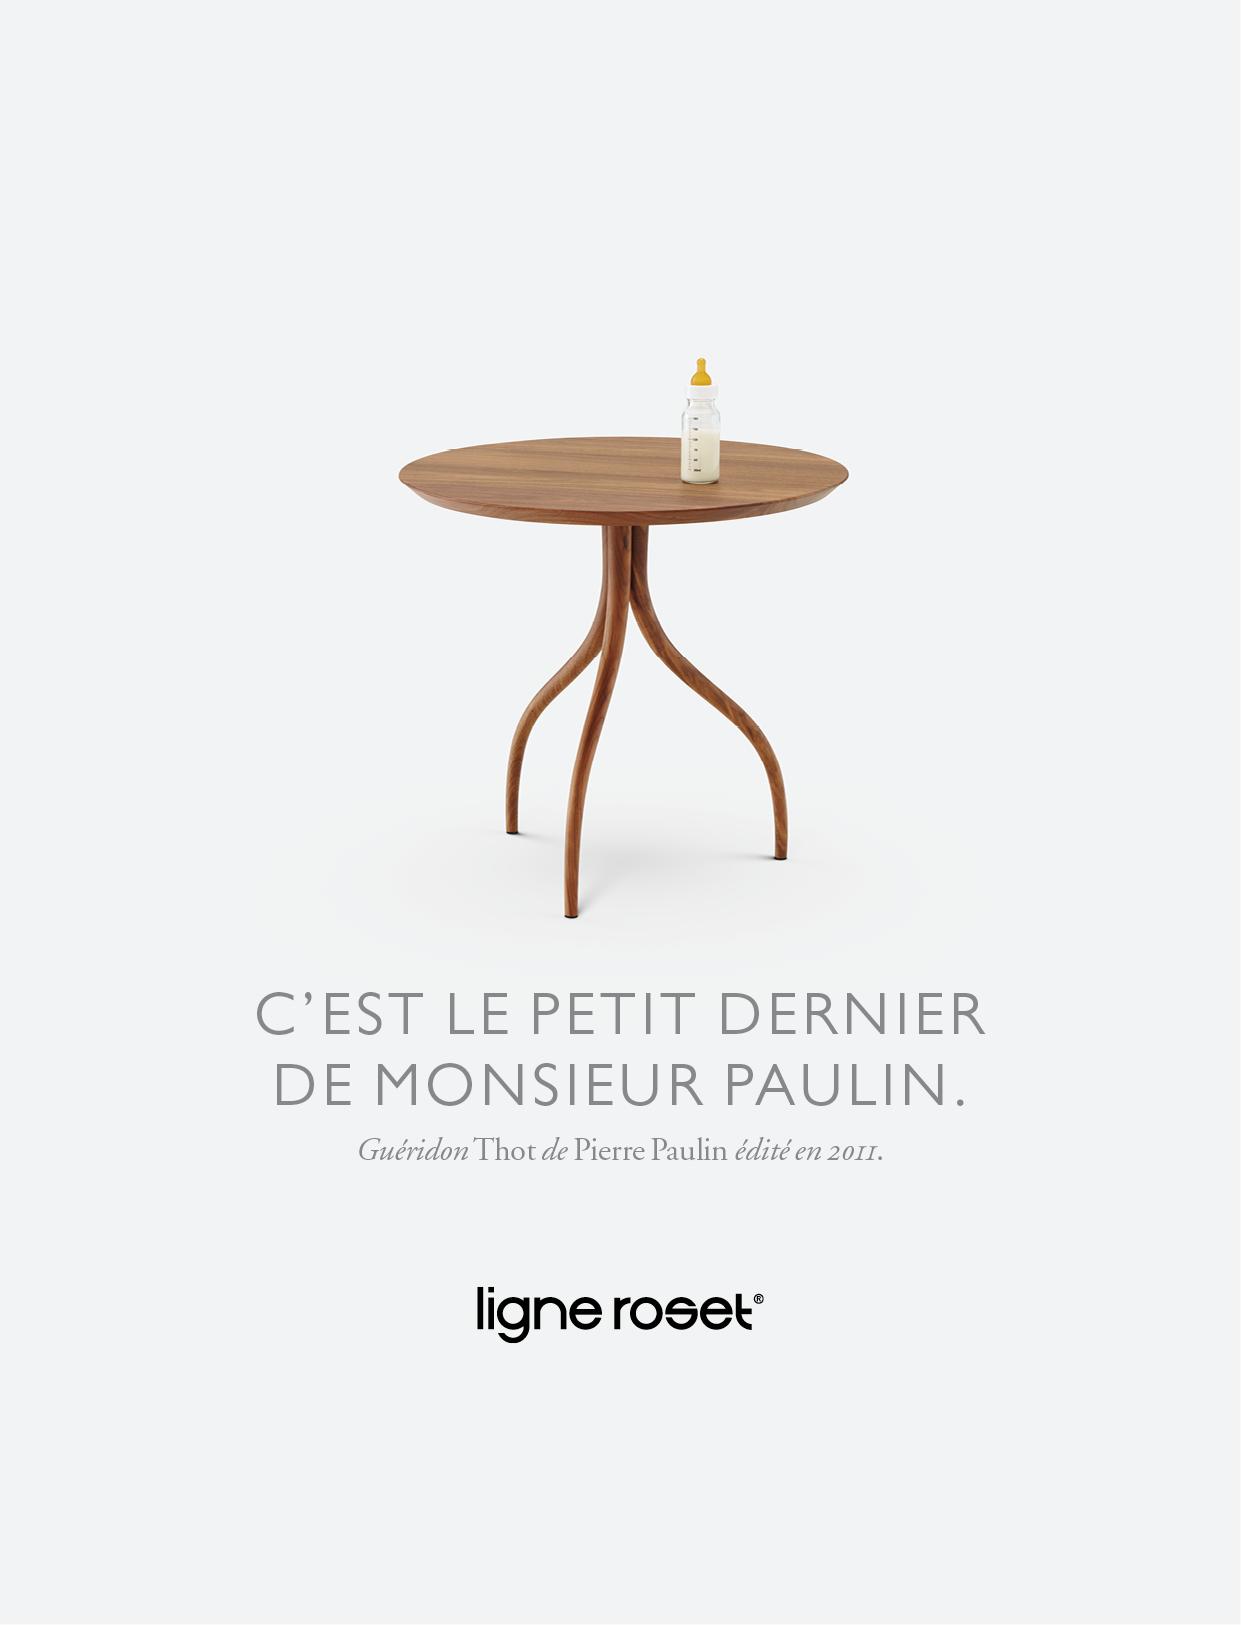 Exposition-Ligne-Roset -hommage-au-designer-Pierre-Pauli